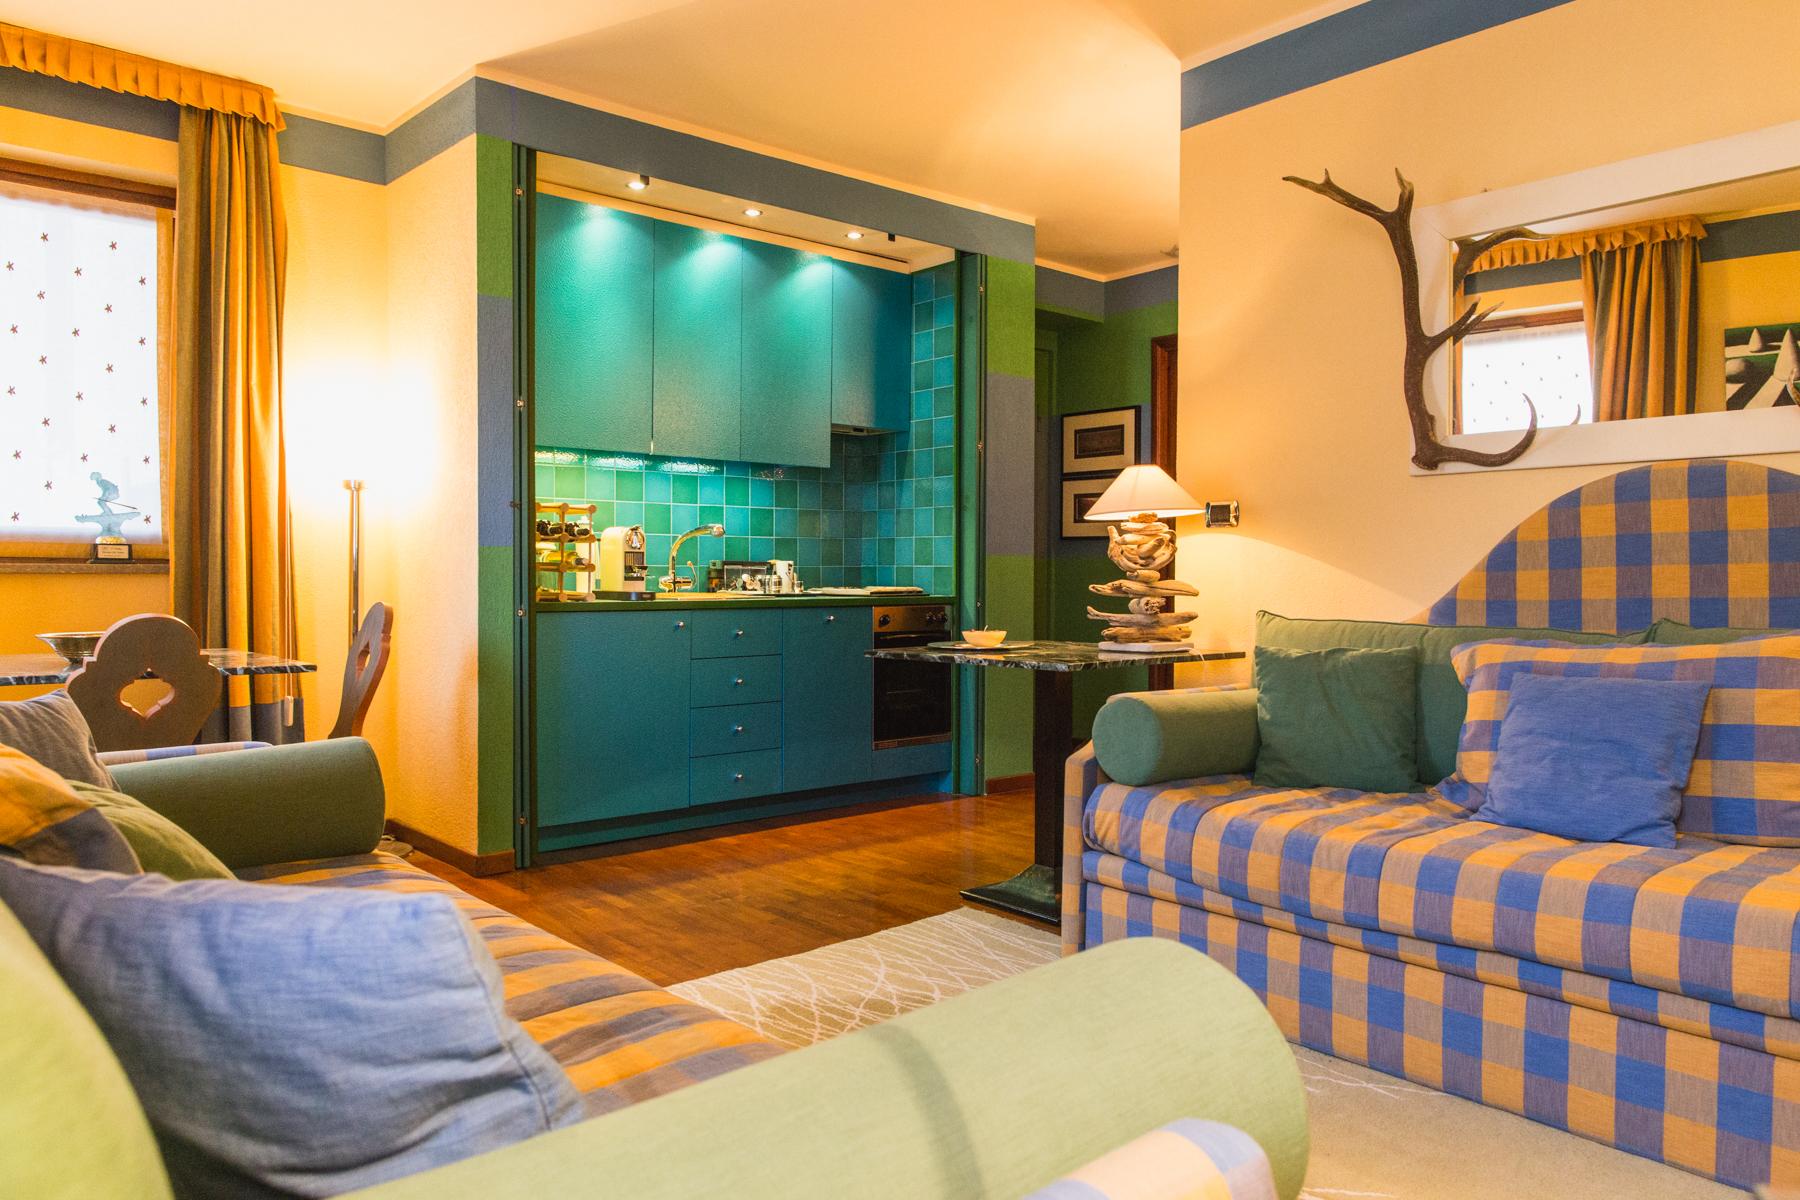 Appartamento in Vendita a Bardonecchia: 5 locali, 100 mq - Foto 2